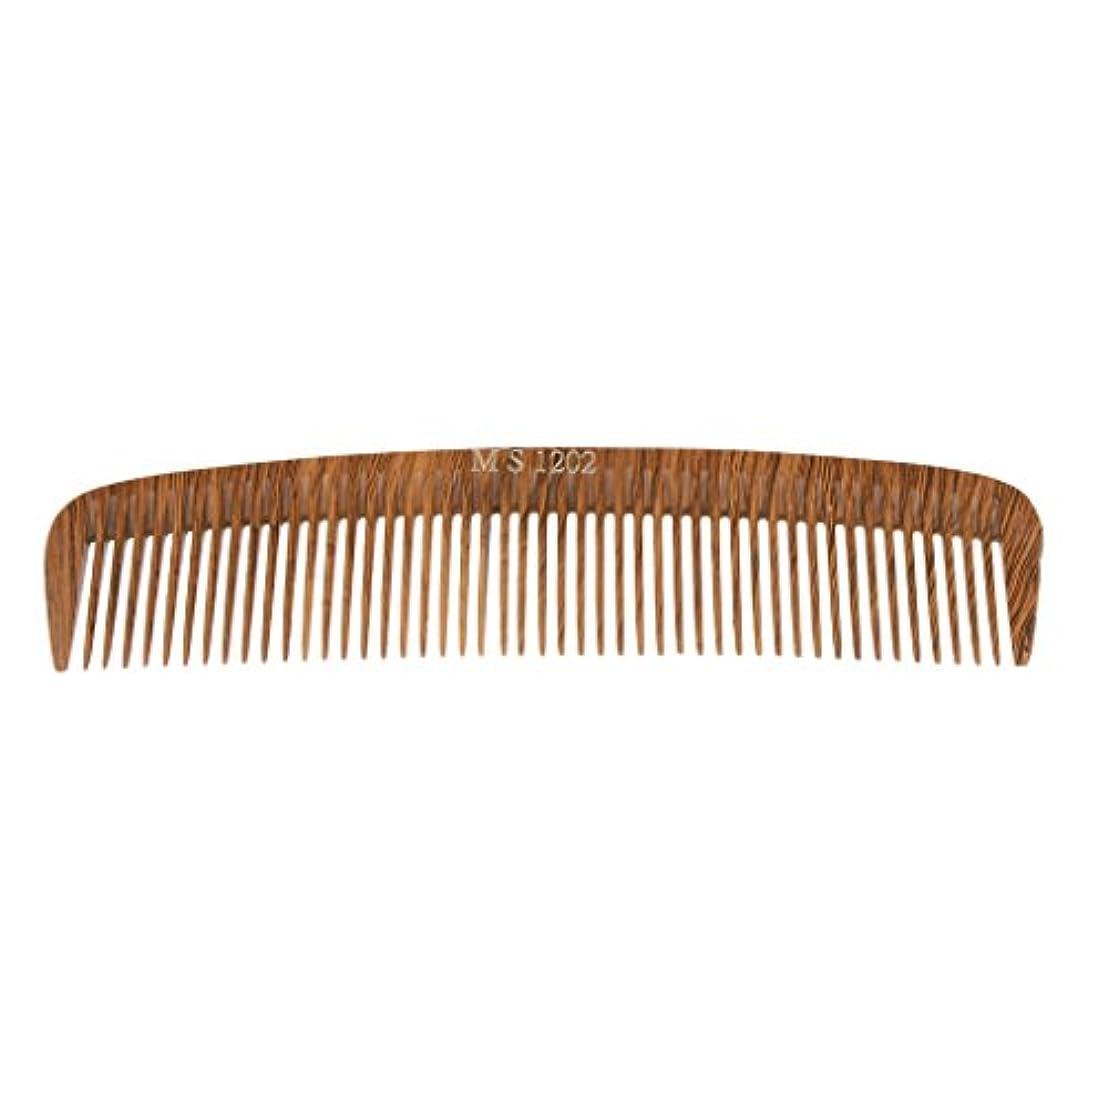 移民ハンドブックホイストヘアカットコーム コーム 木製櫛 くし ヘアブラシ ウッド 帯電防止 4タイプ選べる - 1202